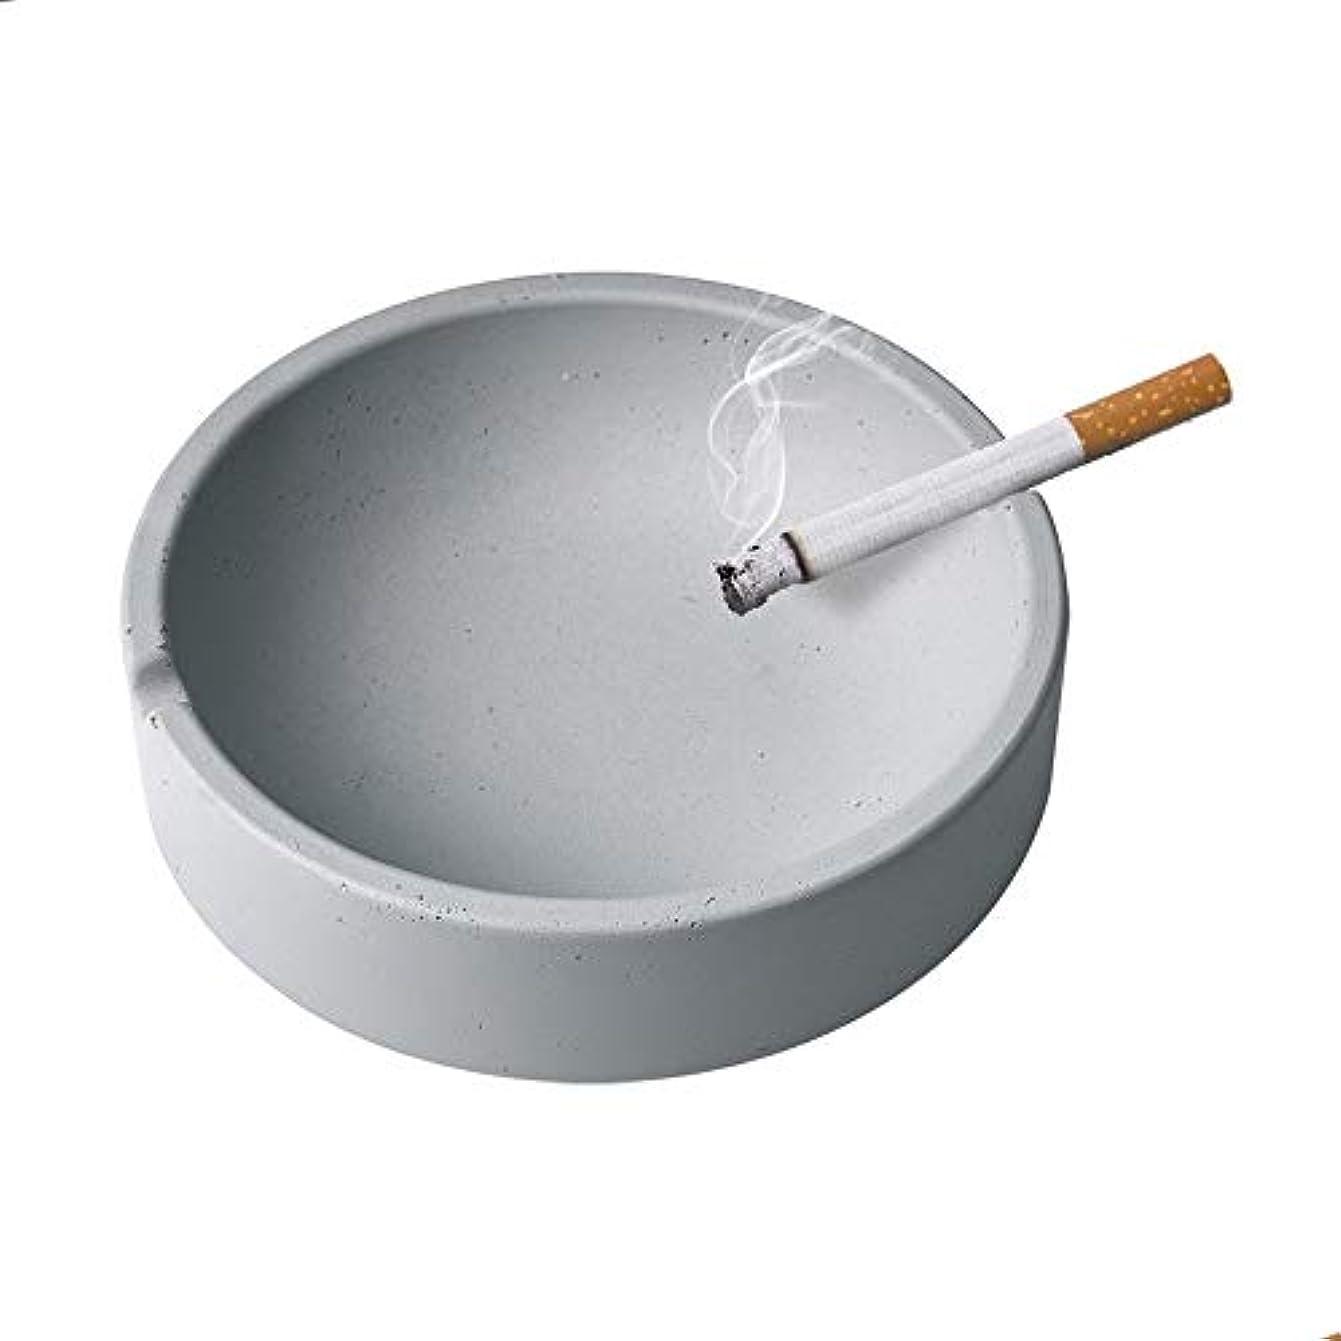 ばかマイナー辞書屋内または屋外での使用のためのタバコの灰皿、喫煙者のための灰ホルダー、ホームオフィスの装飾のためのデスクトップの喫煙灰皿